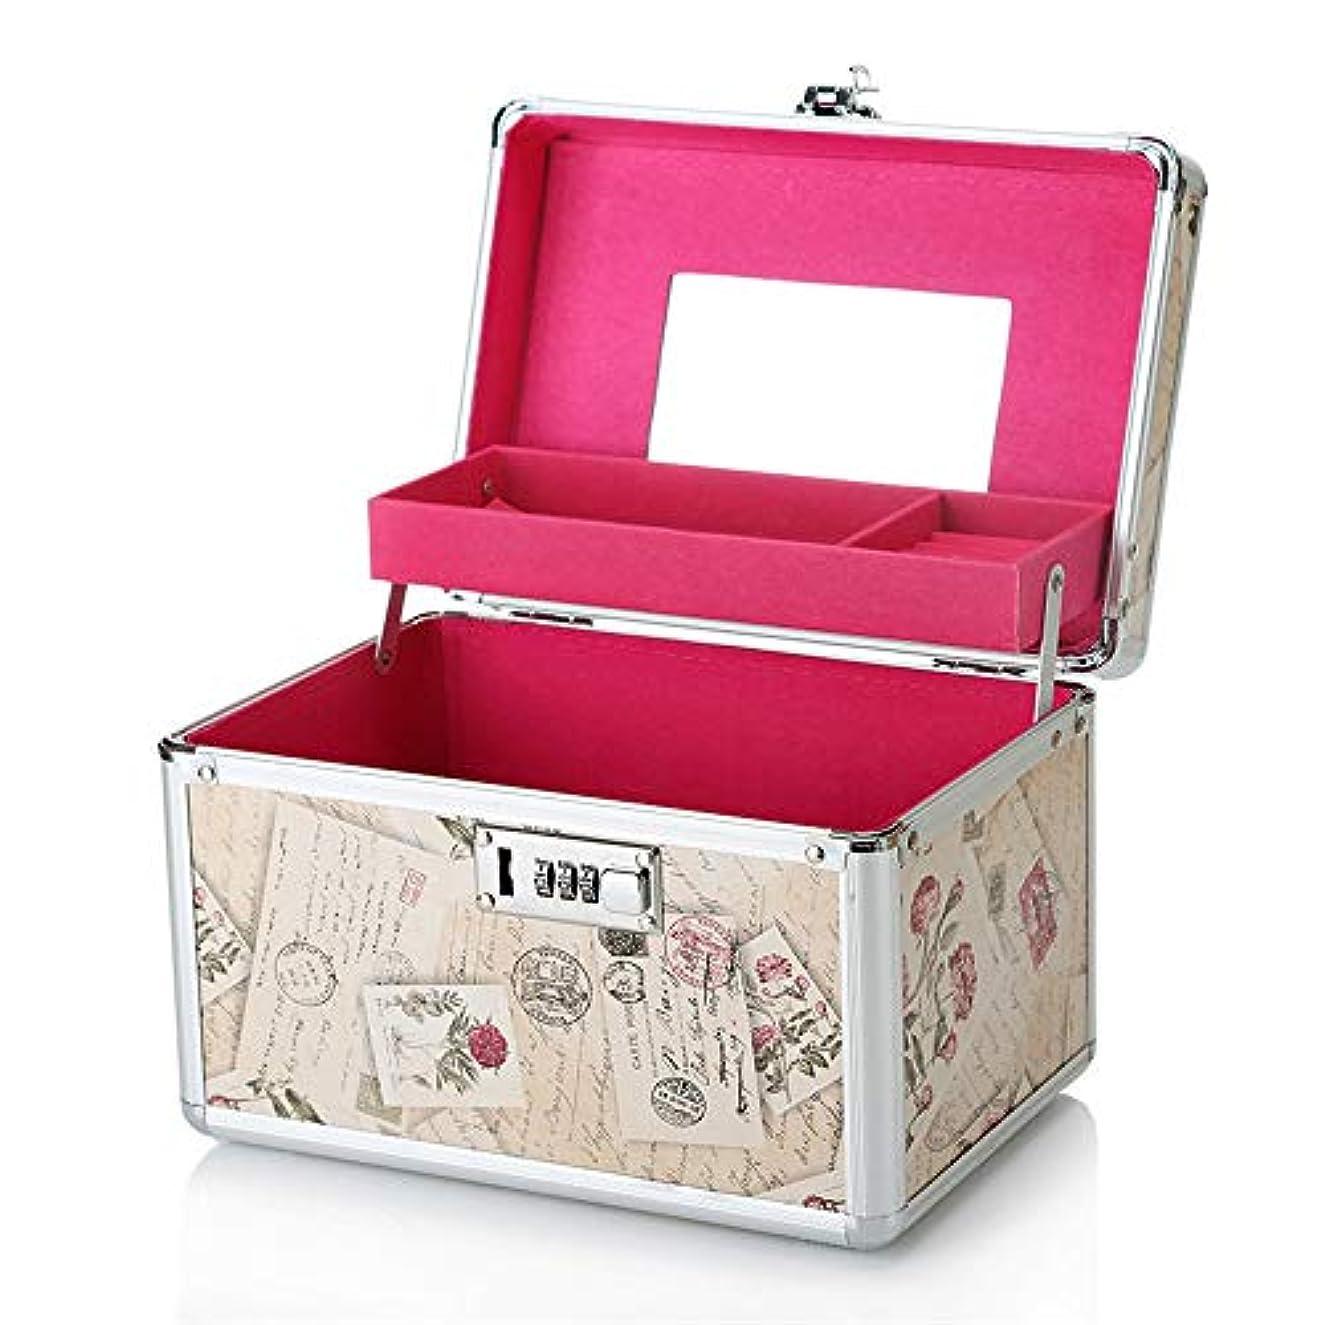 風刺学生ピラミッド特大スペース収納ビューティーボックス 美の構造のためそしてジッパーおよび折る皿が付いている女の子の女性旅行そして毎日の貯蔵のための高容量の携帯用化粧品袋 化粧品化粧台